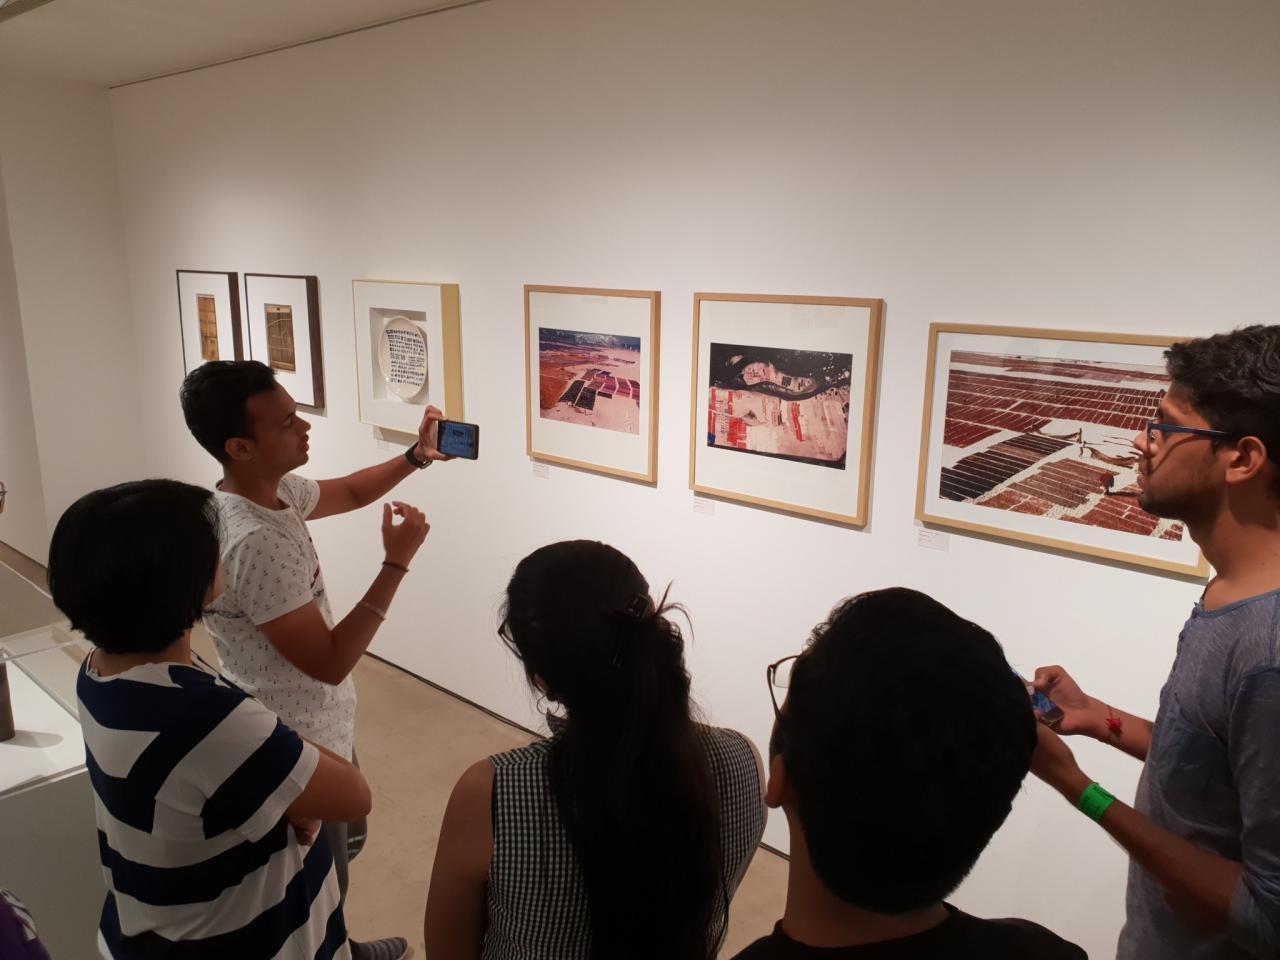 Eine Gruppe junger Menschen betrachtet an der Wand hängende Kunst.